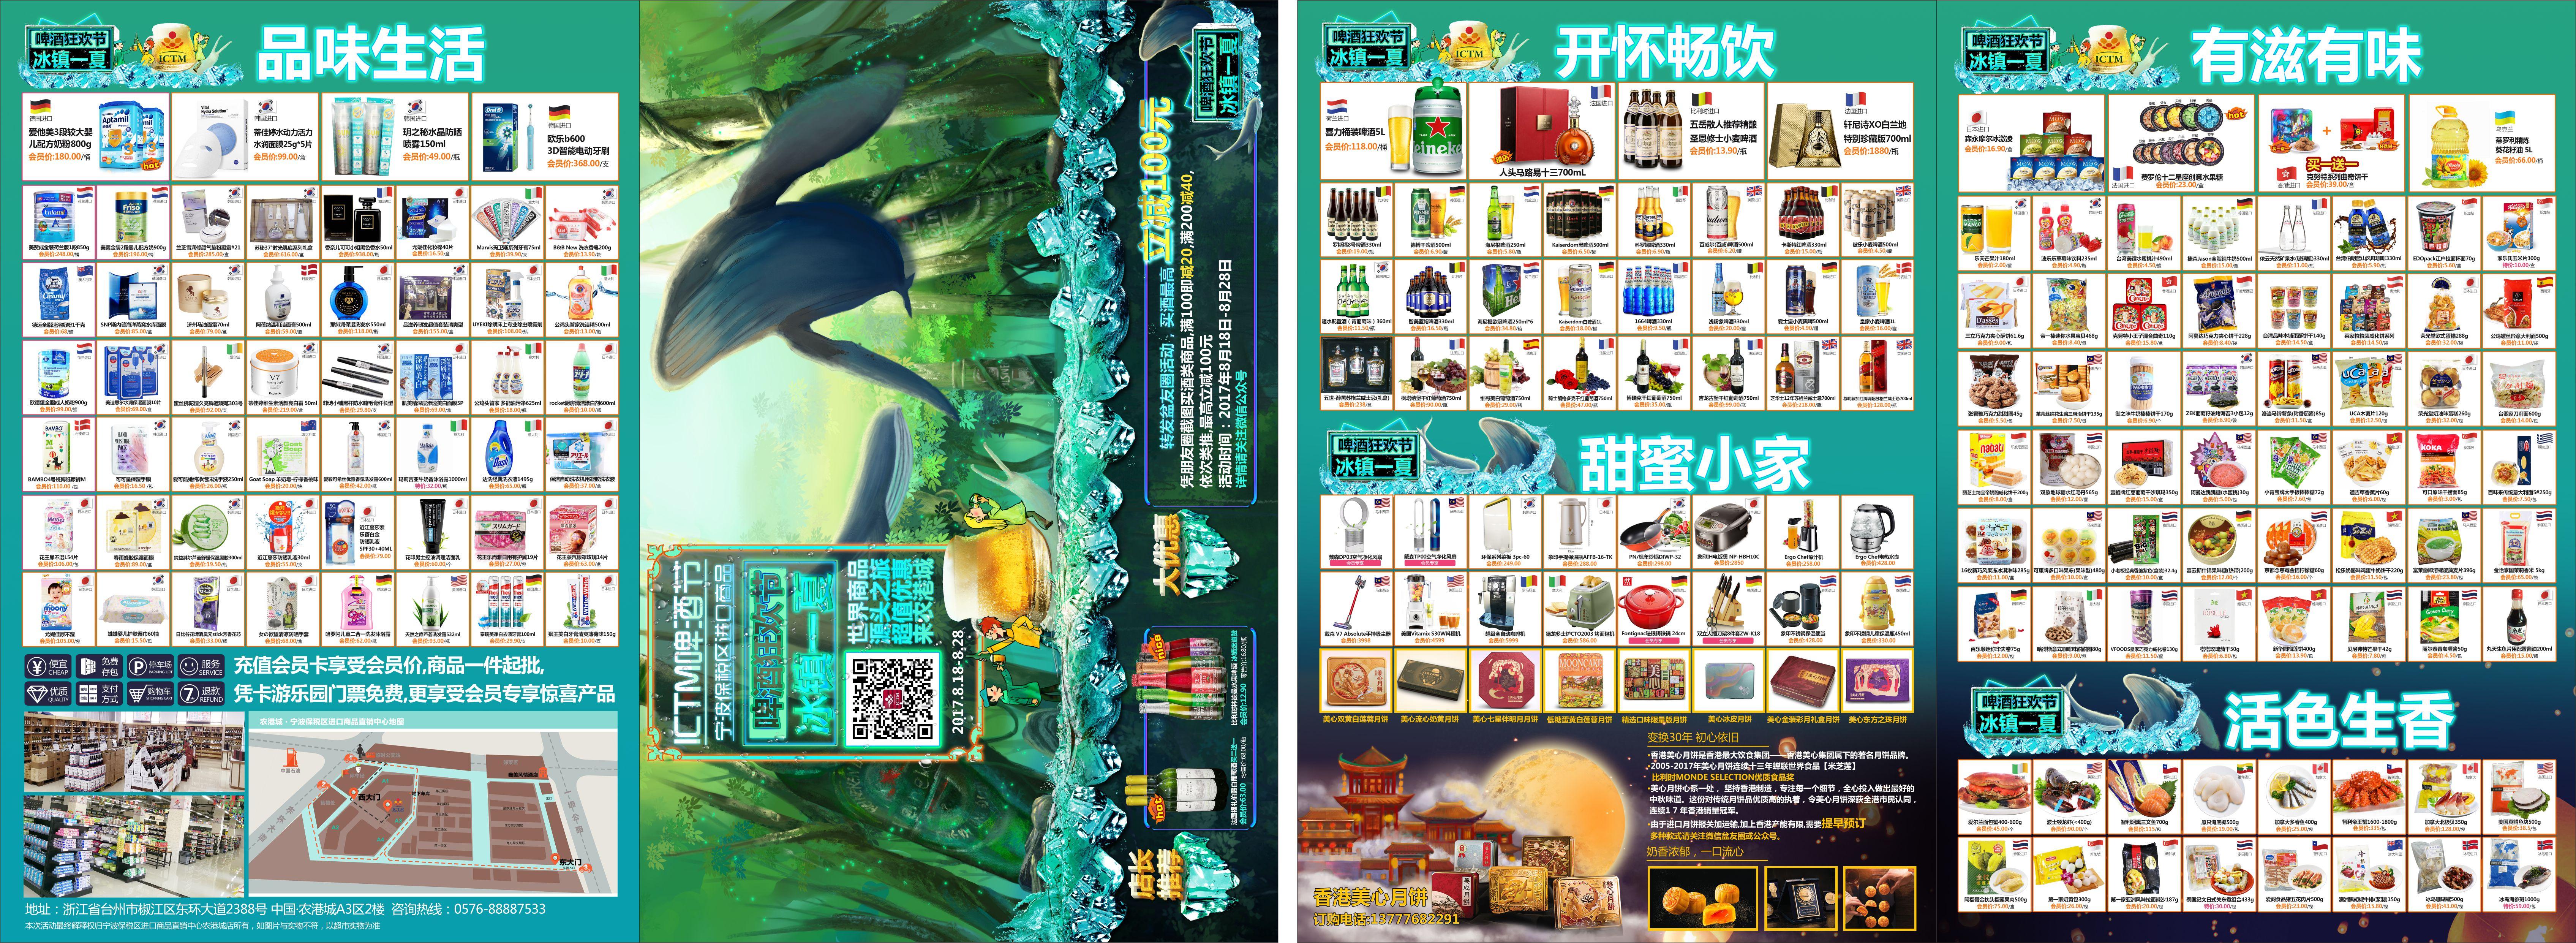 进口商品超市pop手绘活动海报